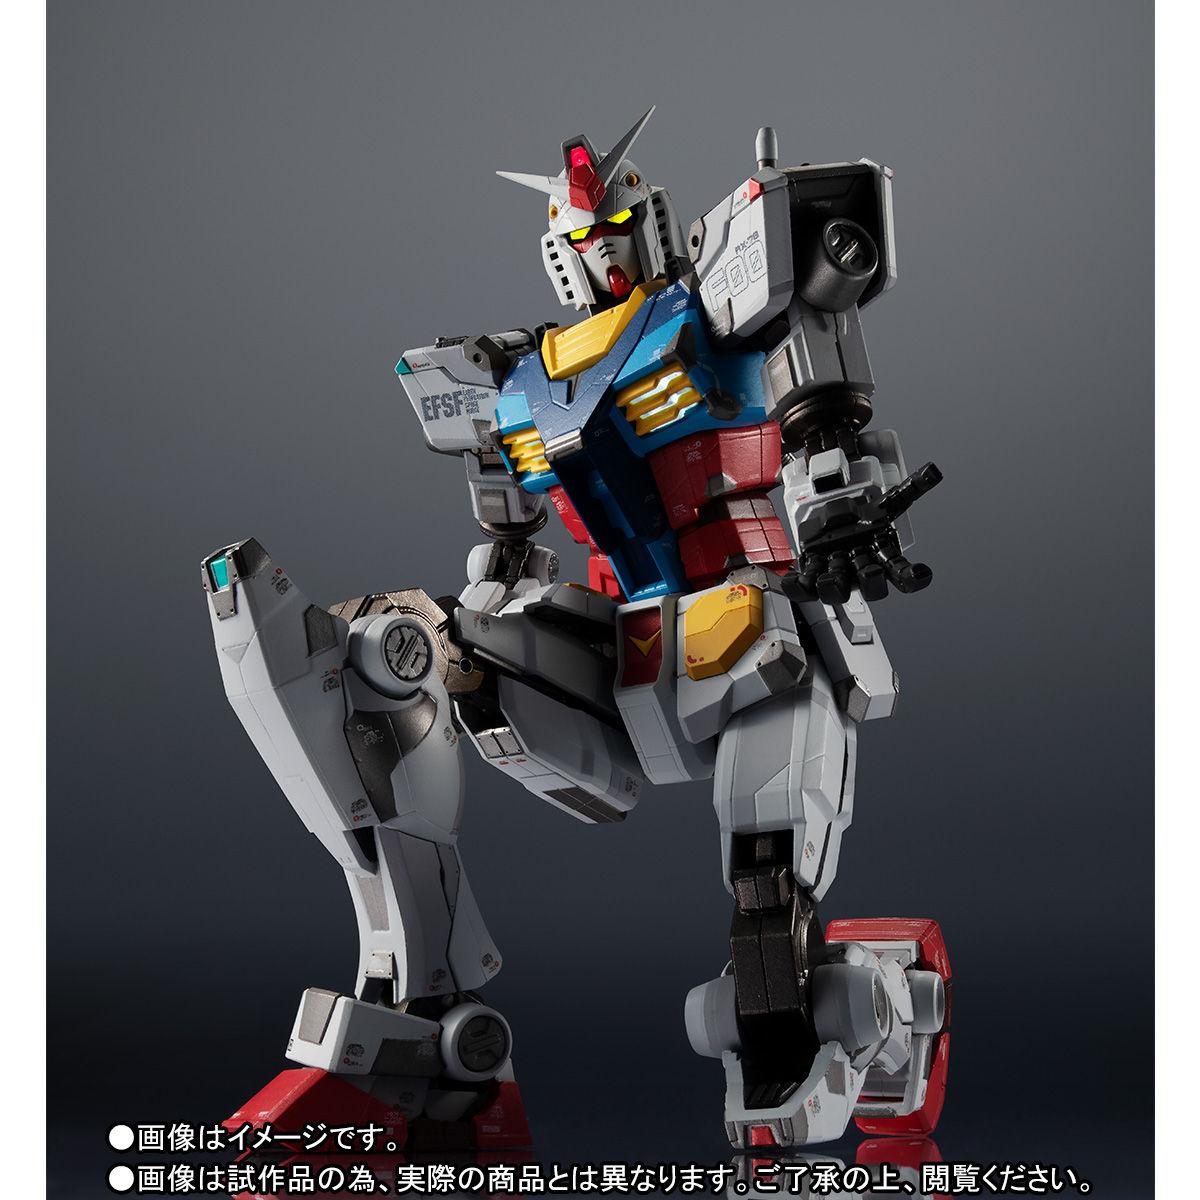 【限定販売】超合金×GUNDAM FACTORY YOKOHAMA『RX-78F00 GUNDAM』可動フィギュア-002